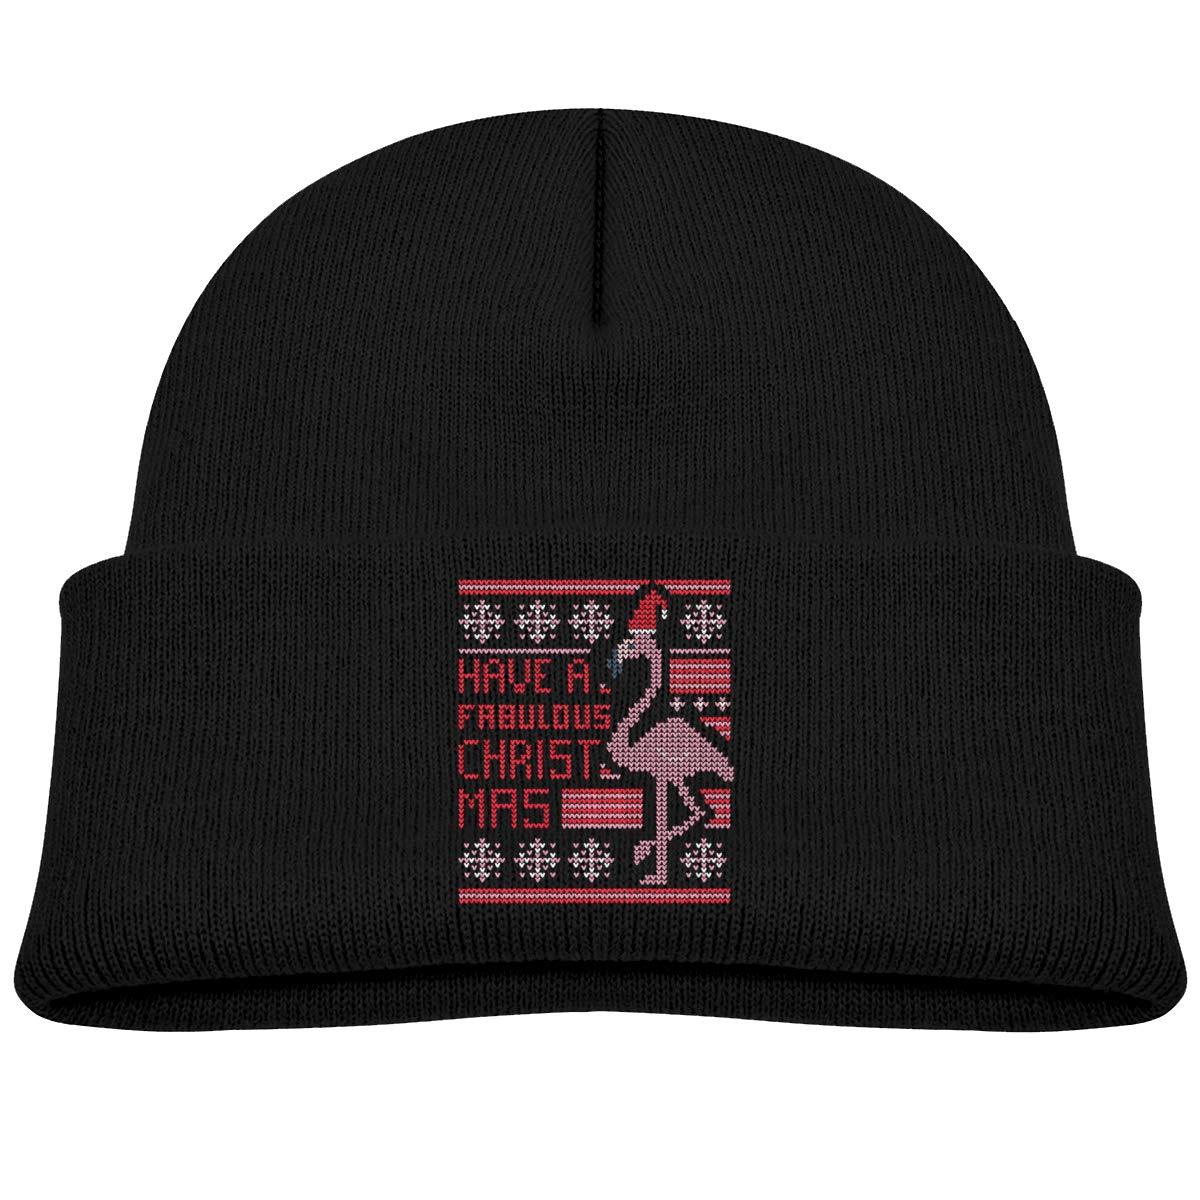 b0959efc60504 Amazon.com  Flamingo Christmas Sweater Infant Knit Hats Unisex Beanies Caps   Clothing